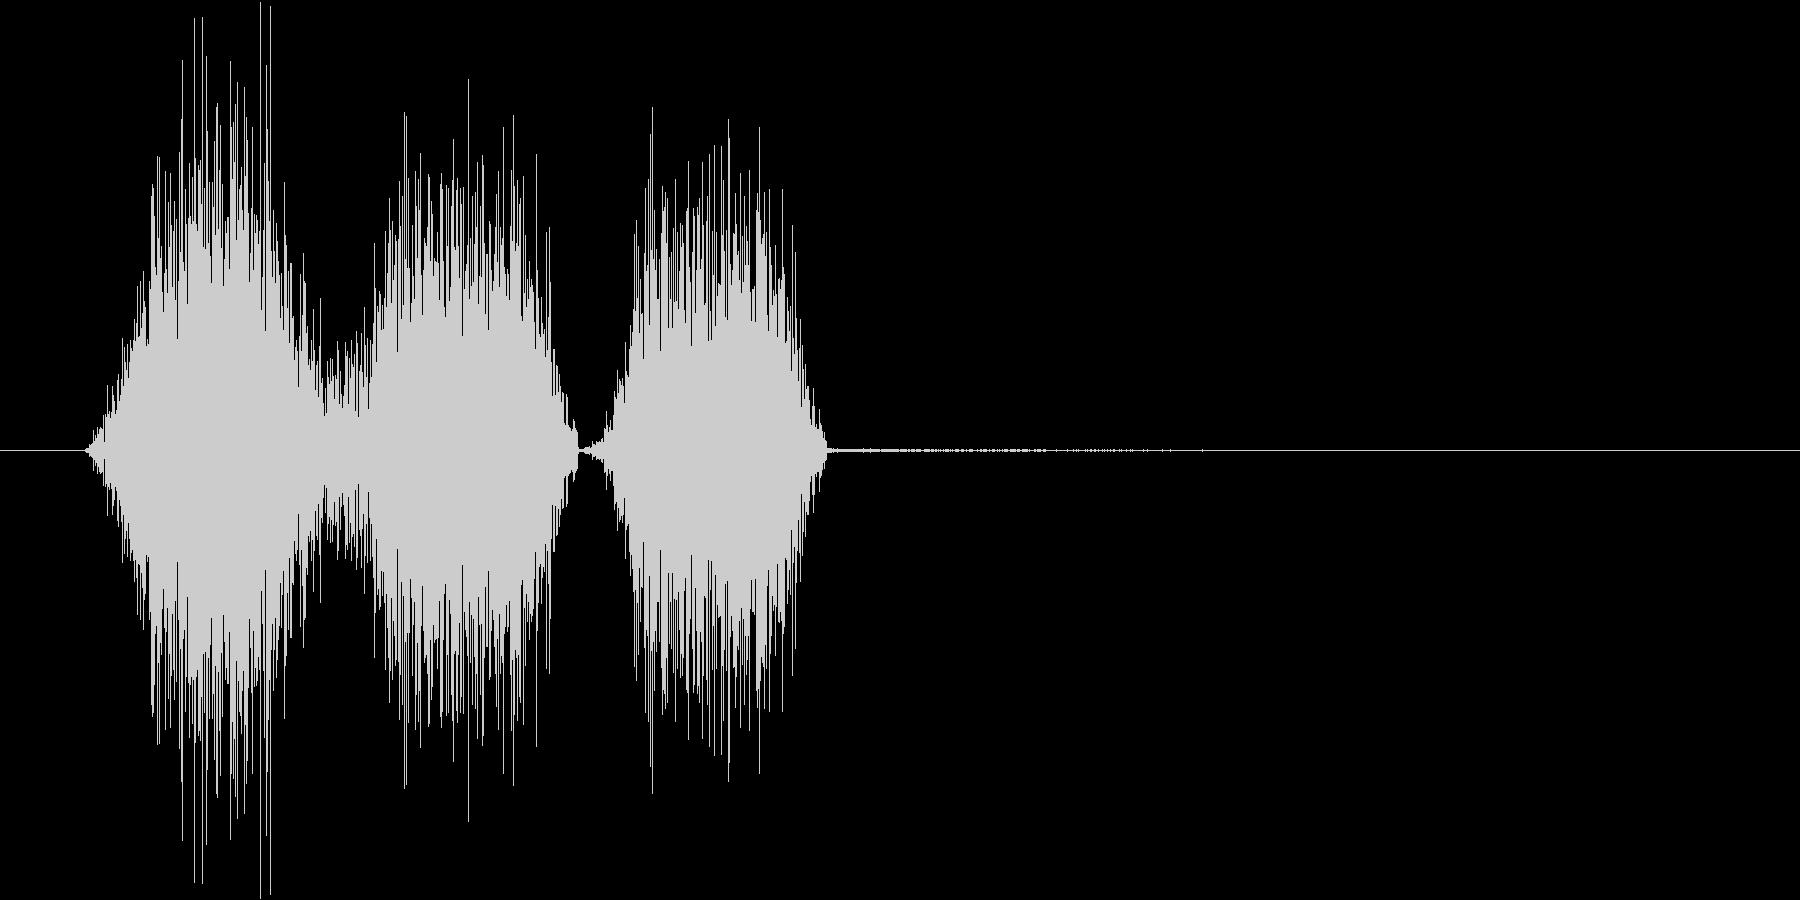 物を素早く盗むときの効果音の未再生の波形